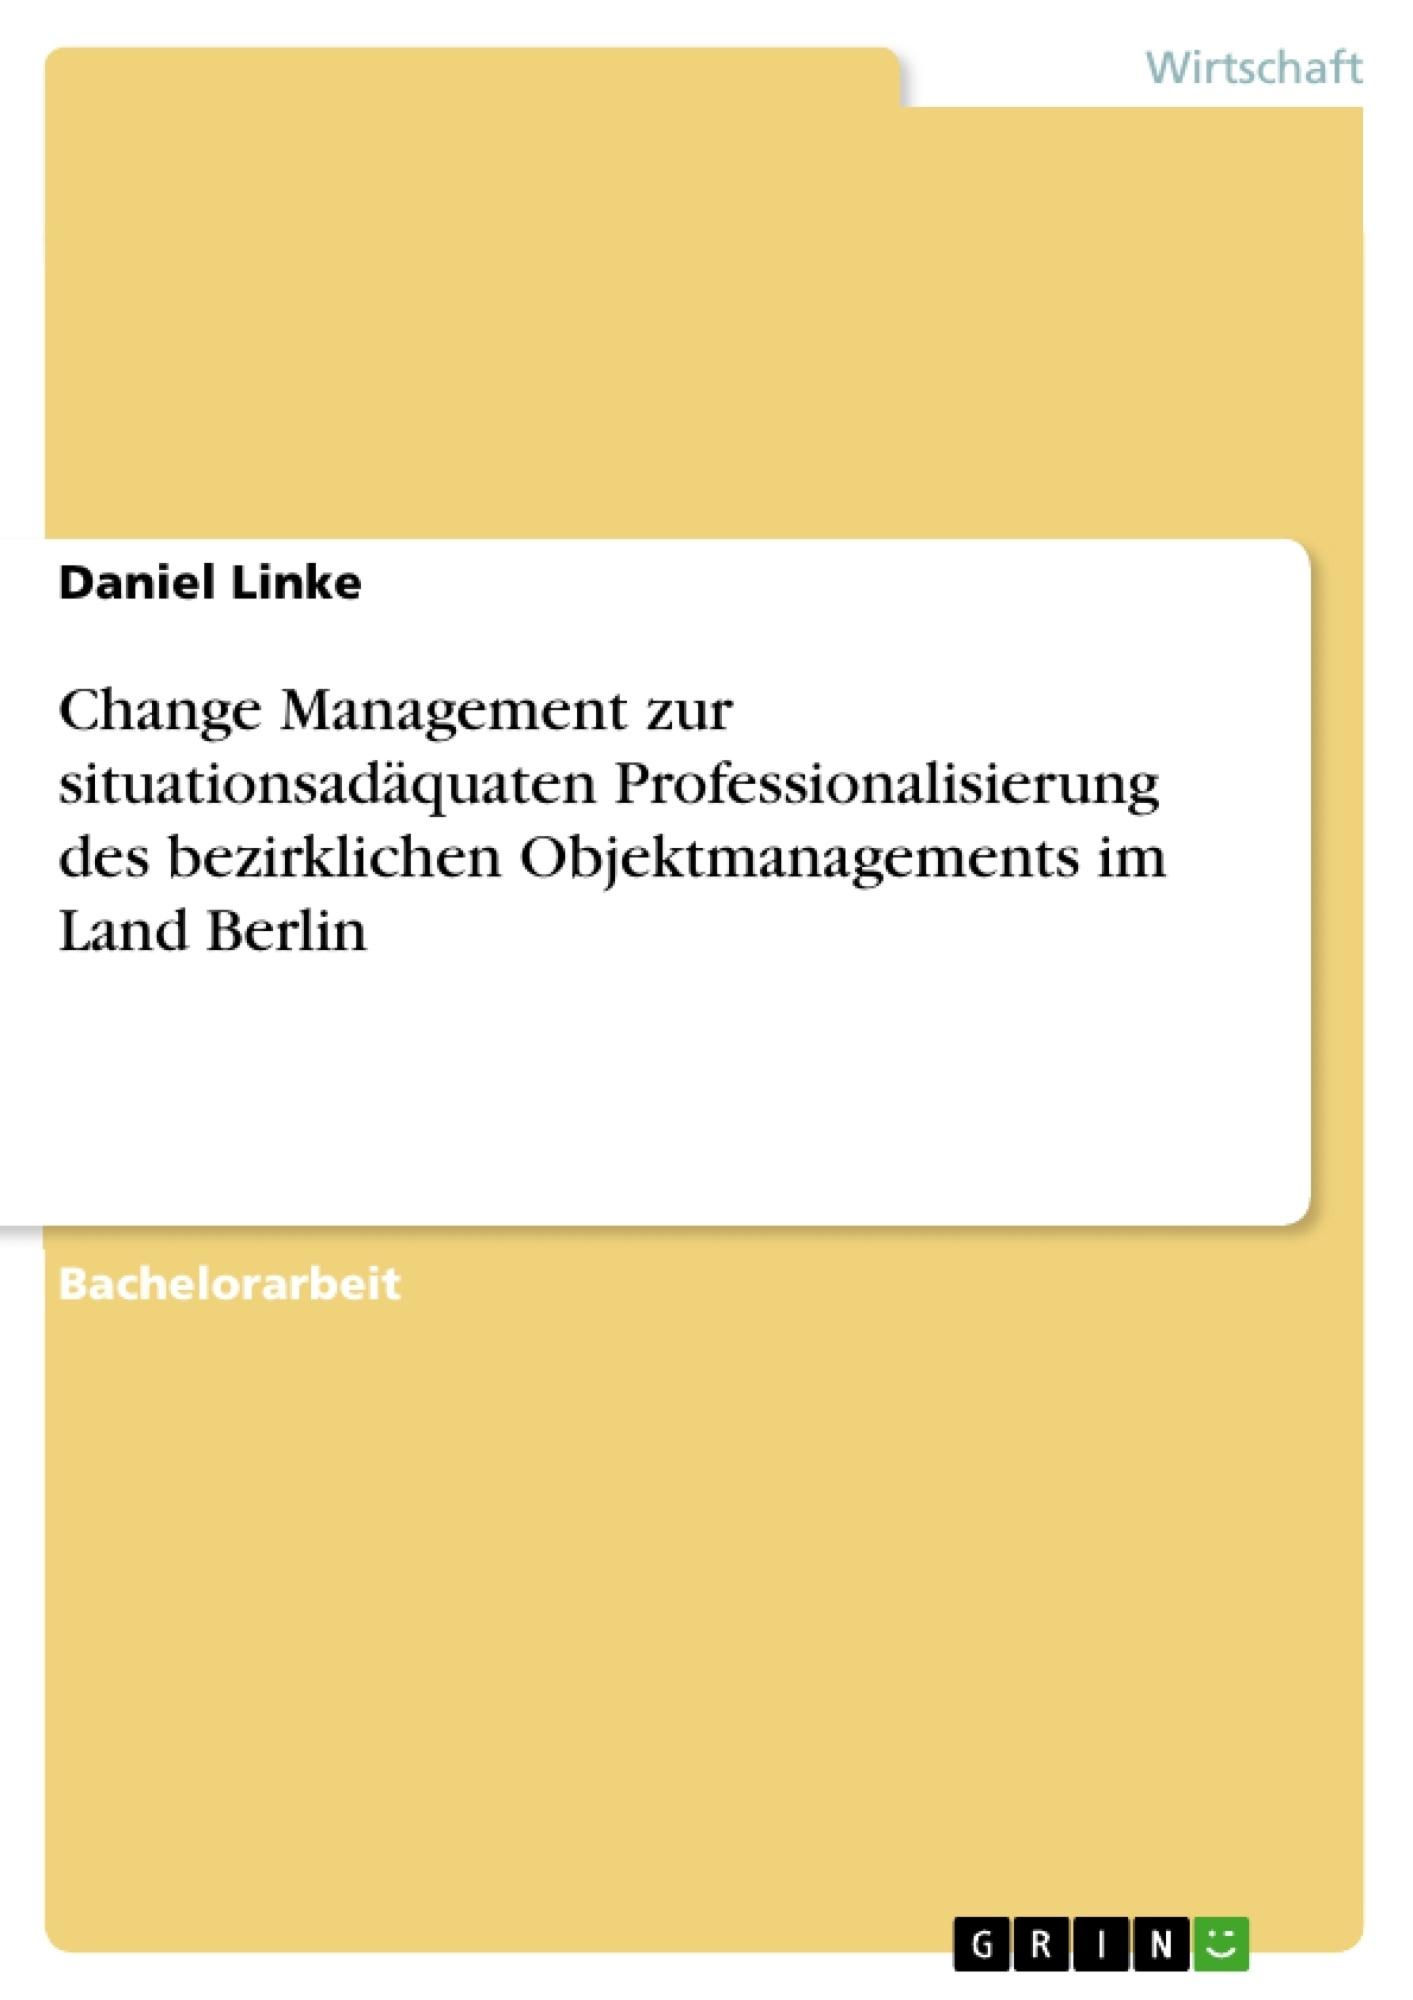 Titel: Change Management zur situationsadäquaten Professionalisierung des bezirklichen Objektmanagements im Land Berlin